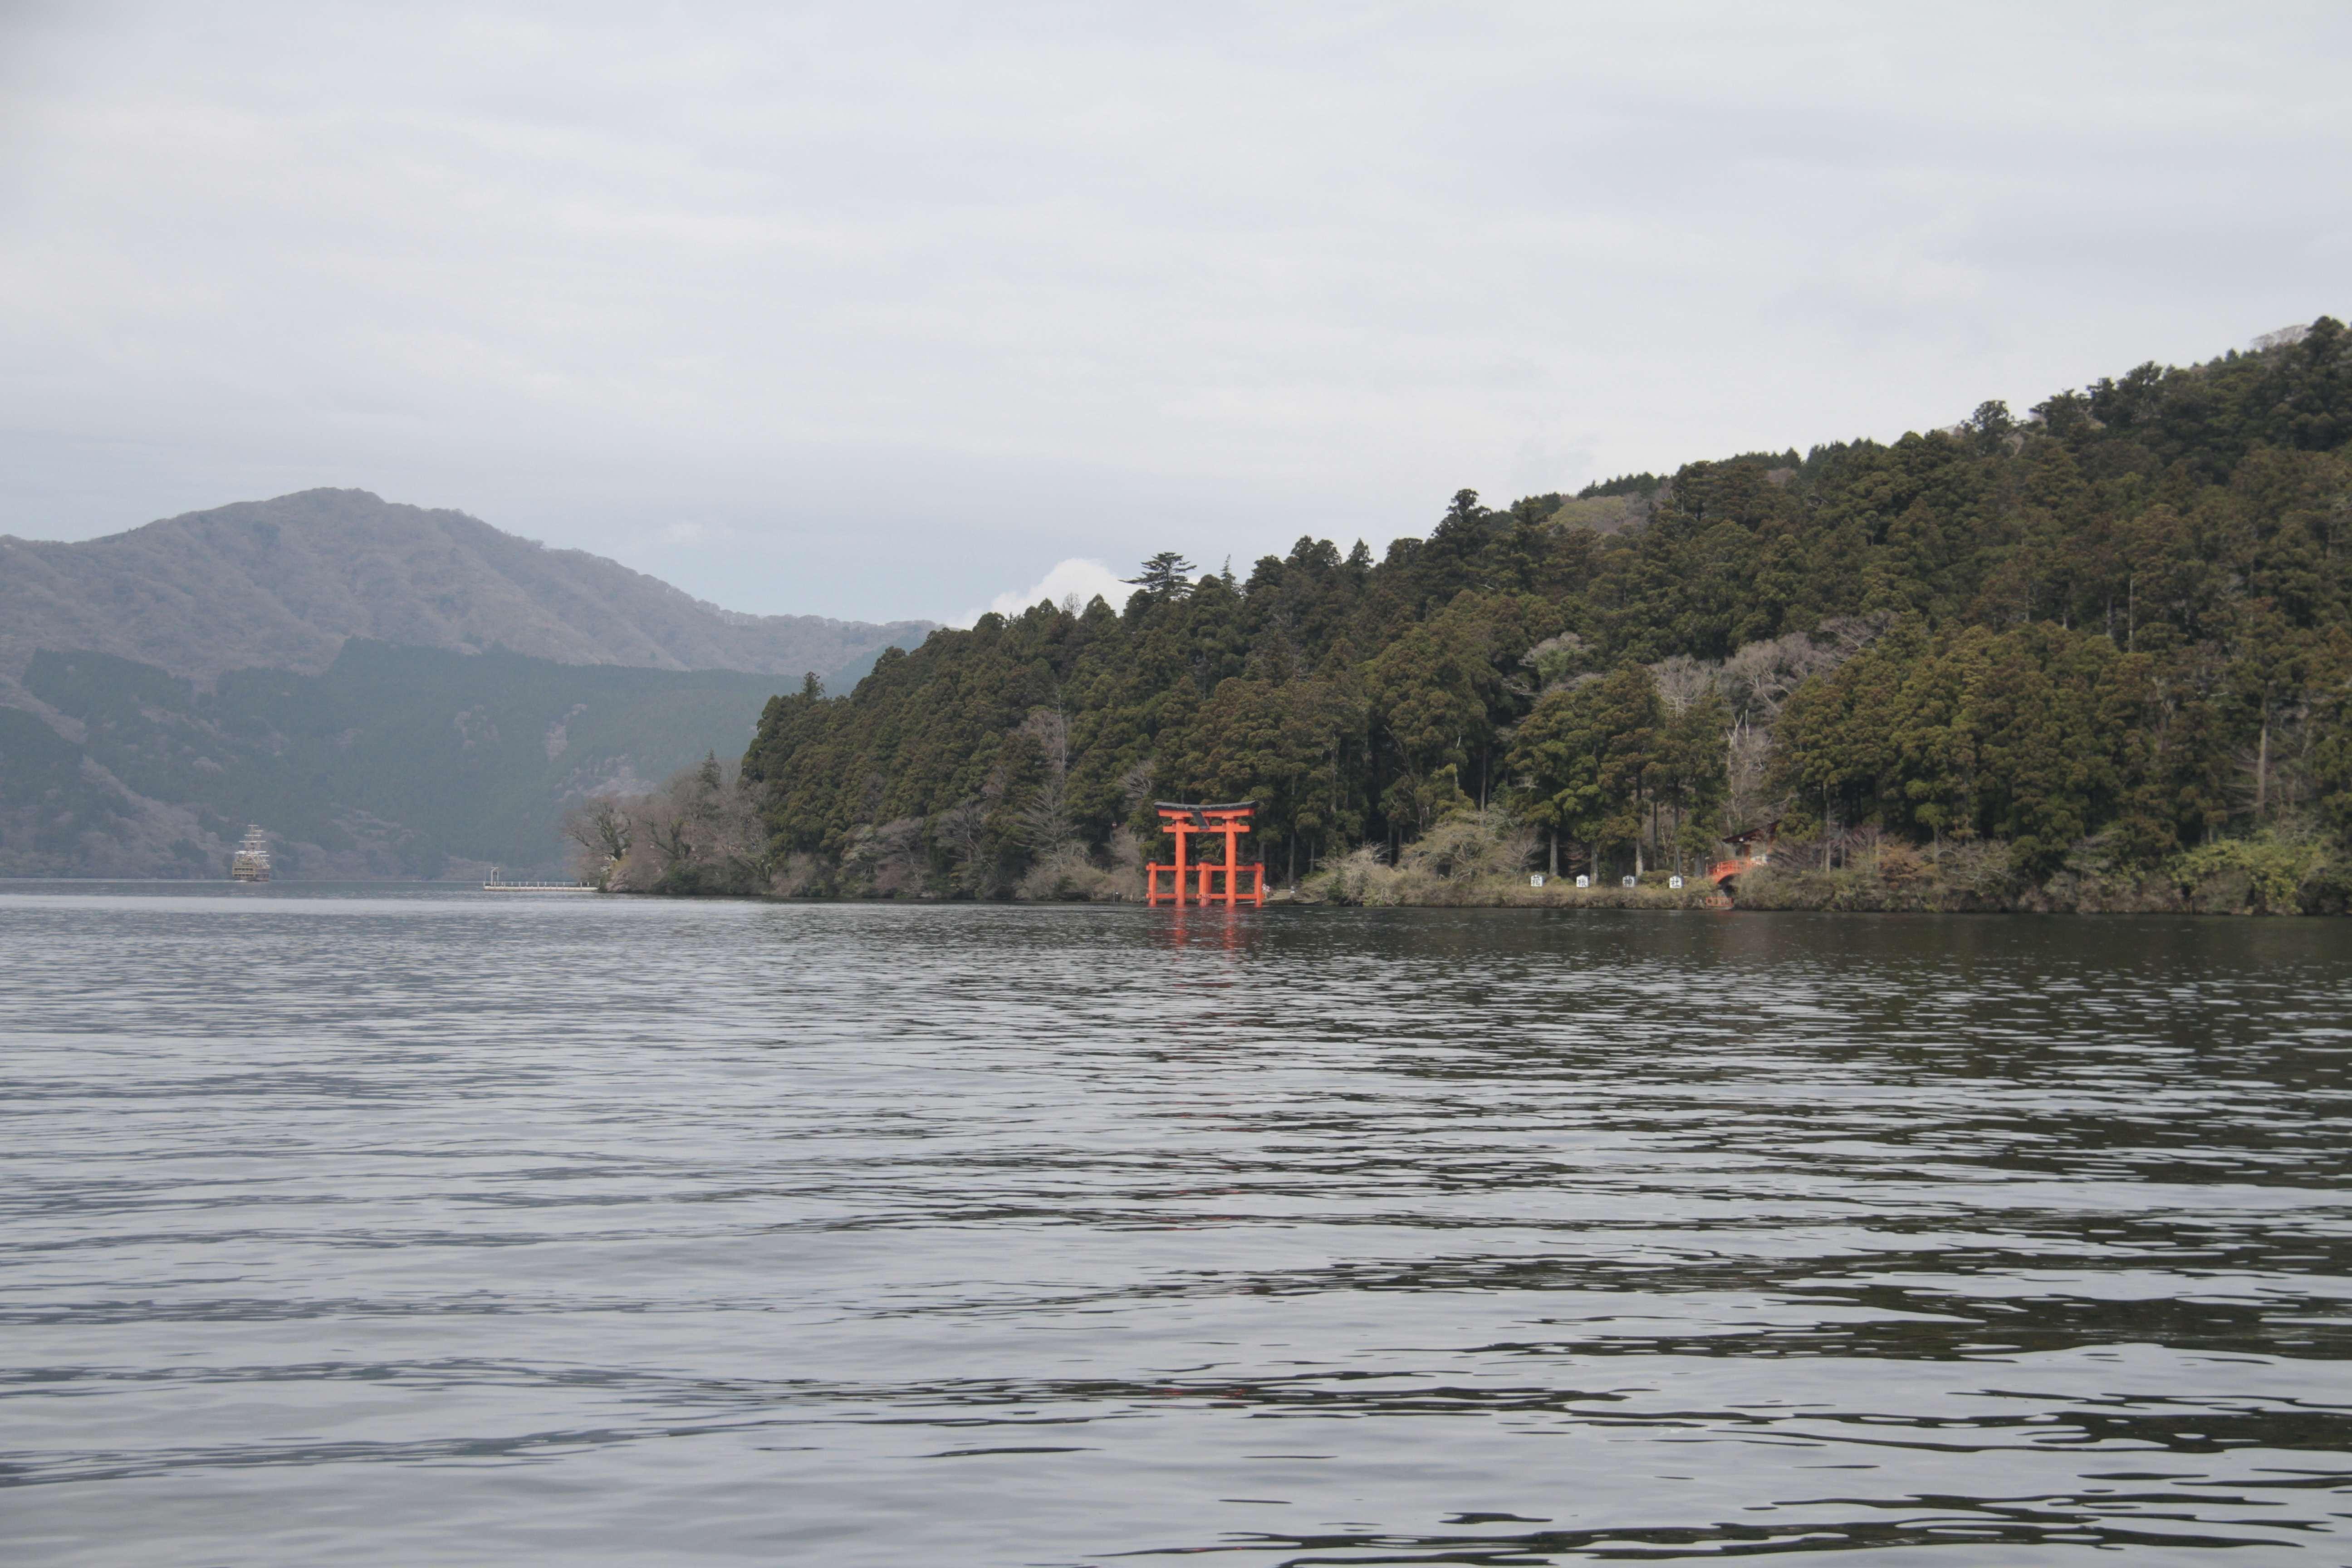 Japon avril 2017_0313 Hakone lac Ashi et sanctuaire shinto